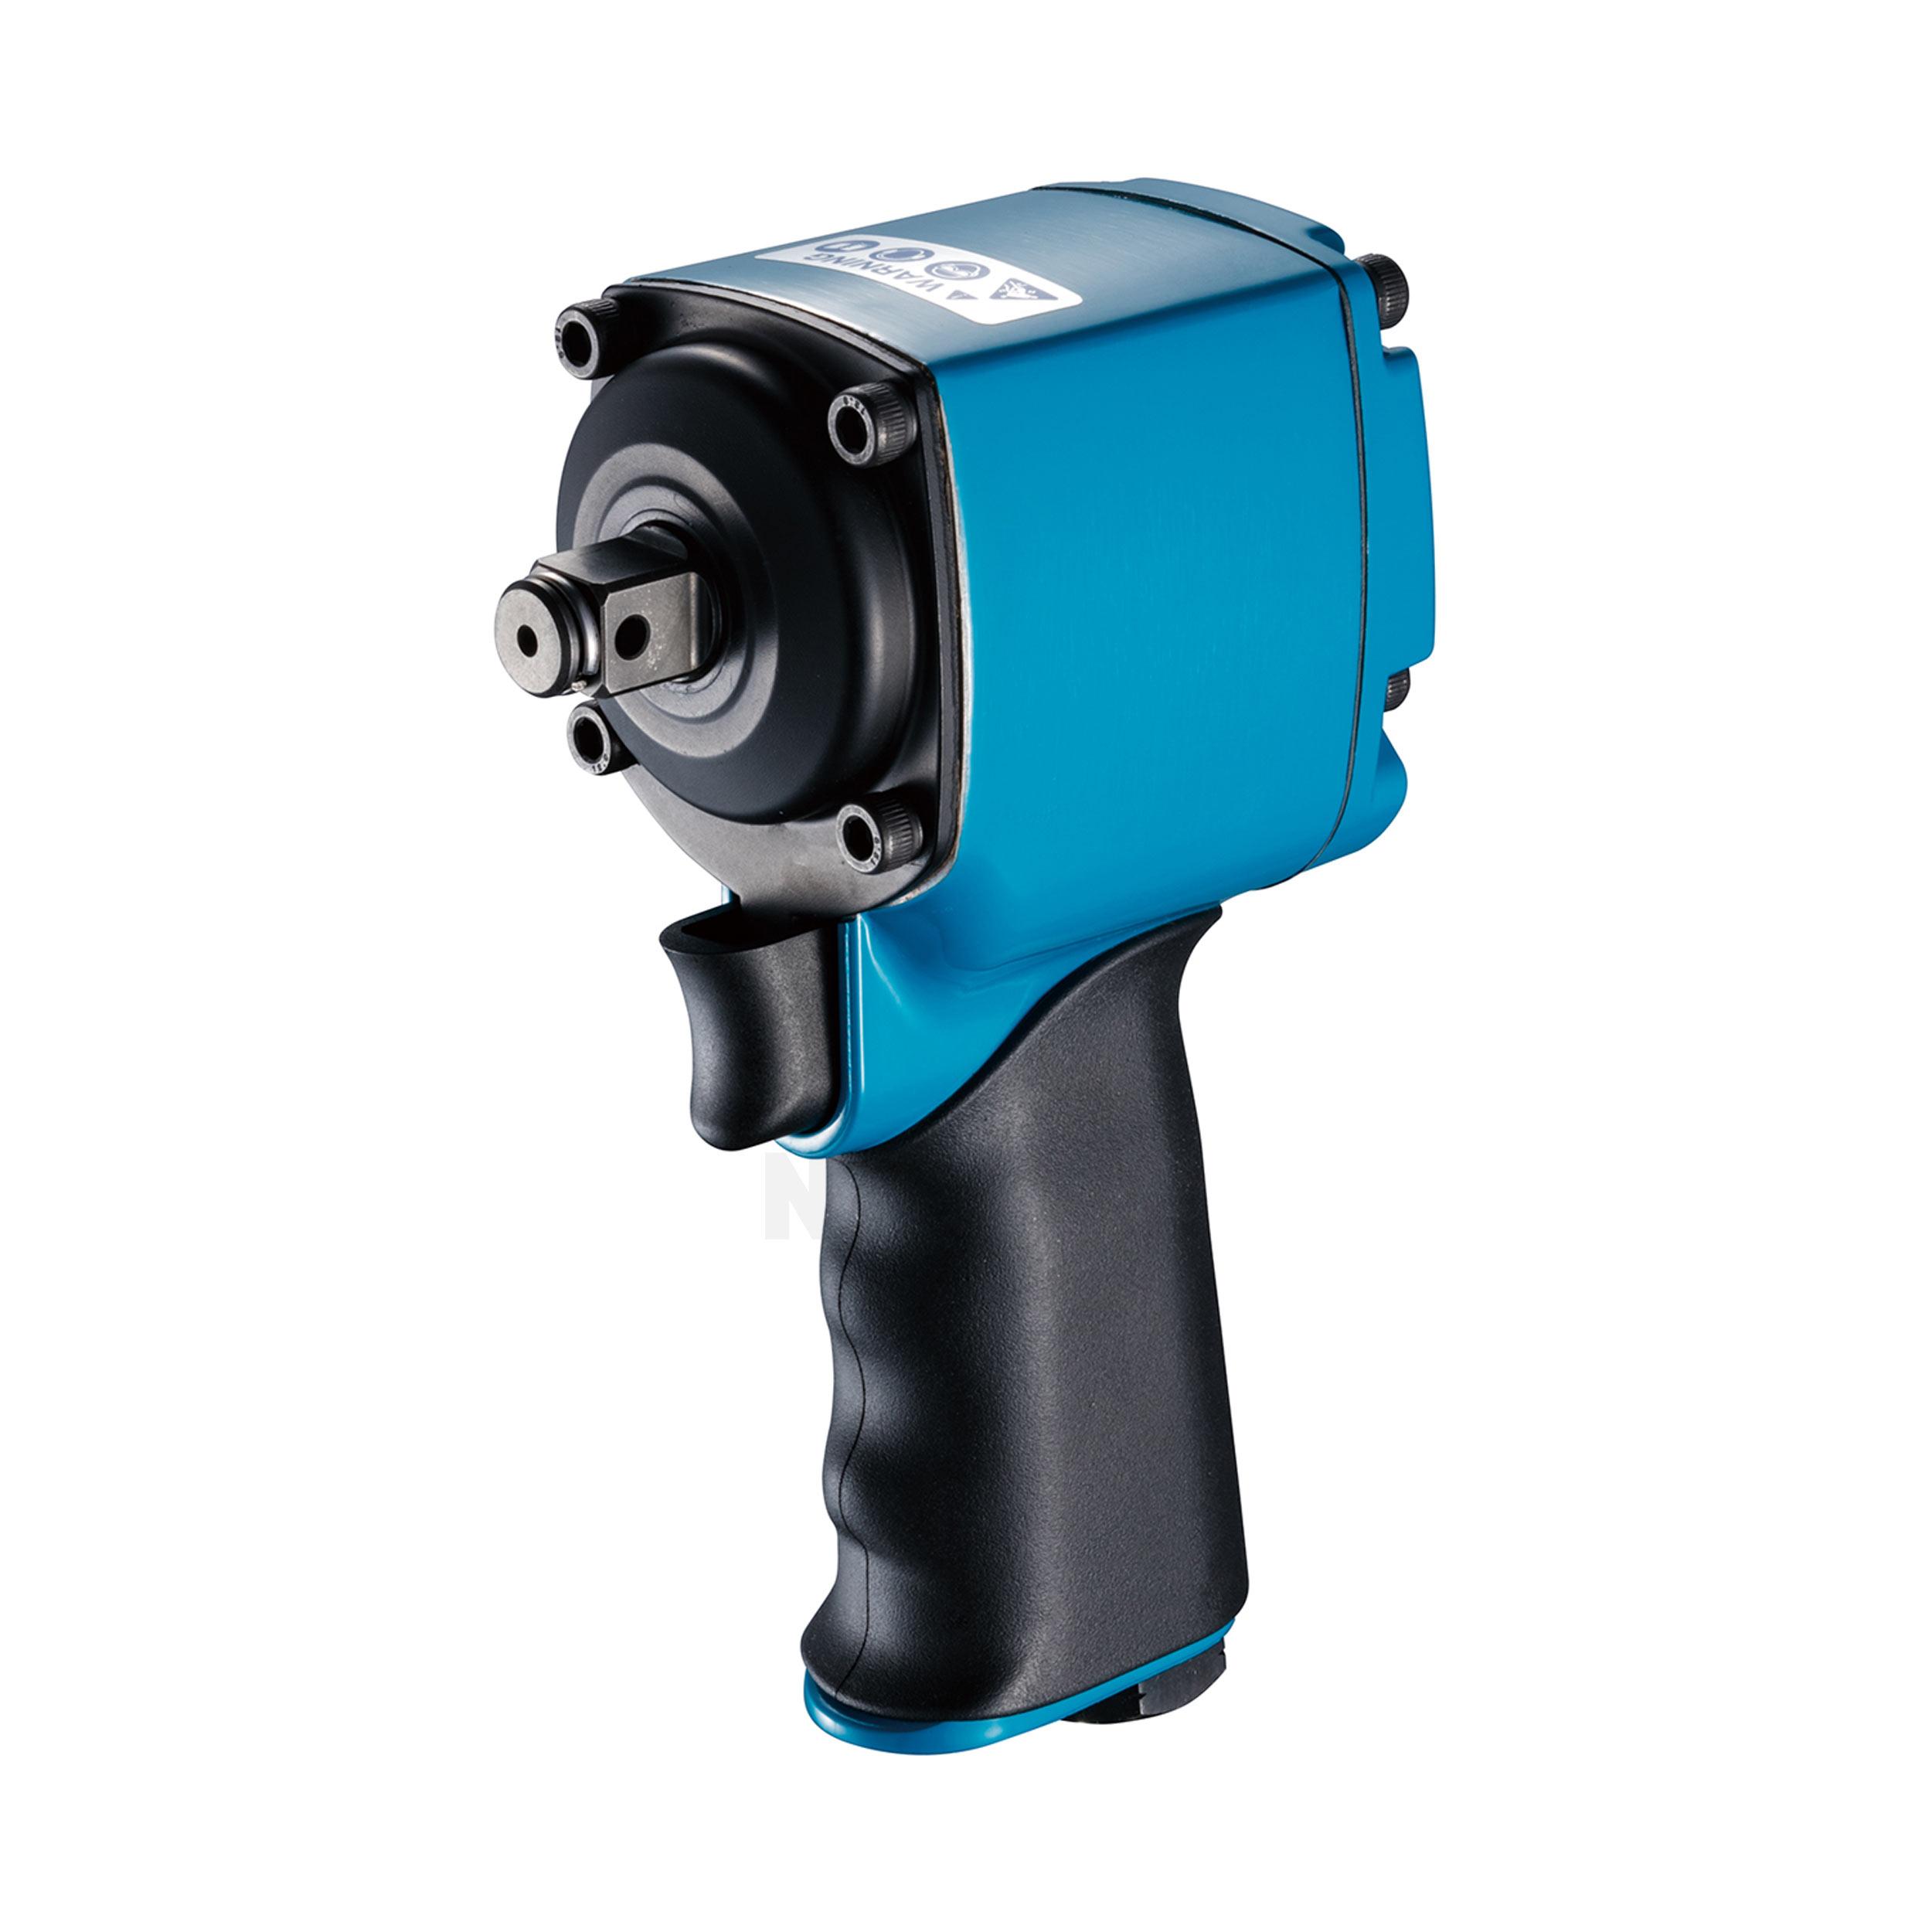 บล็อคลม twin hammer GT-1600JP